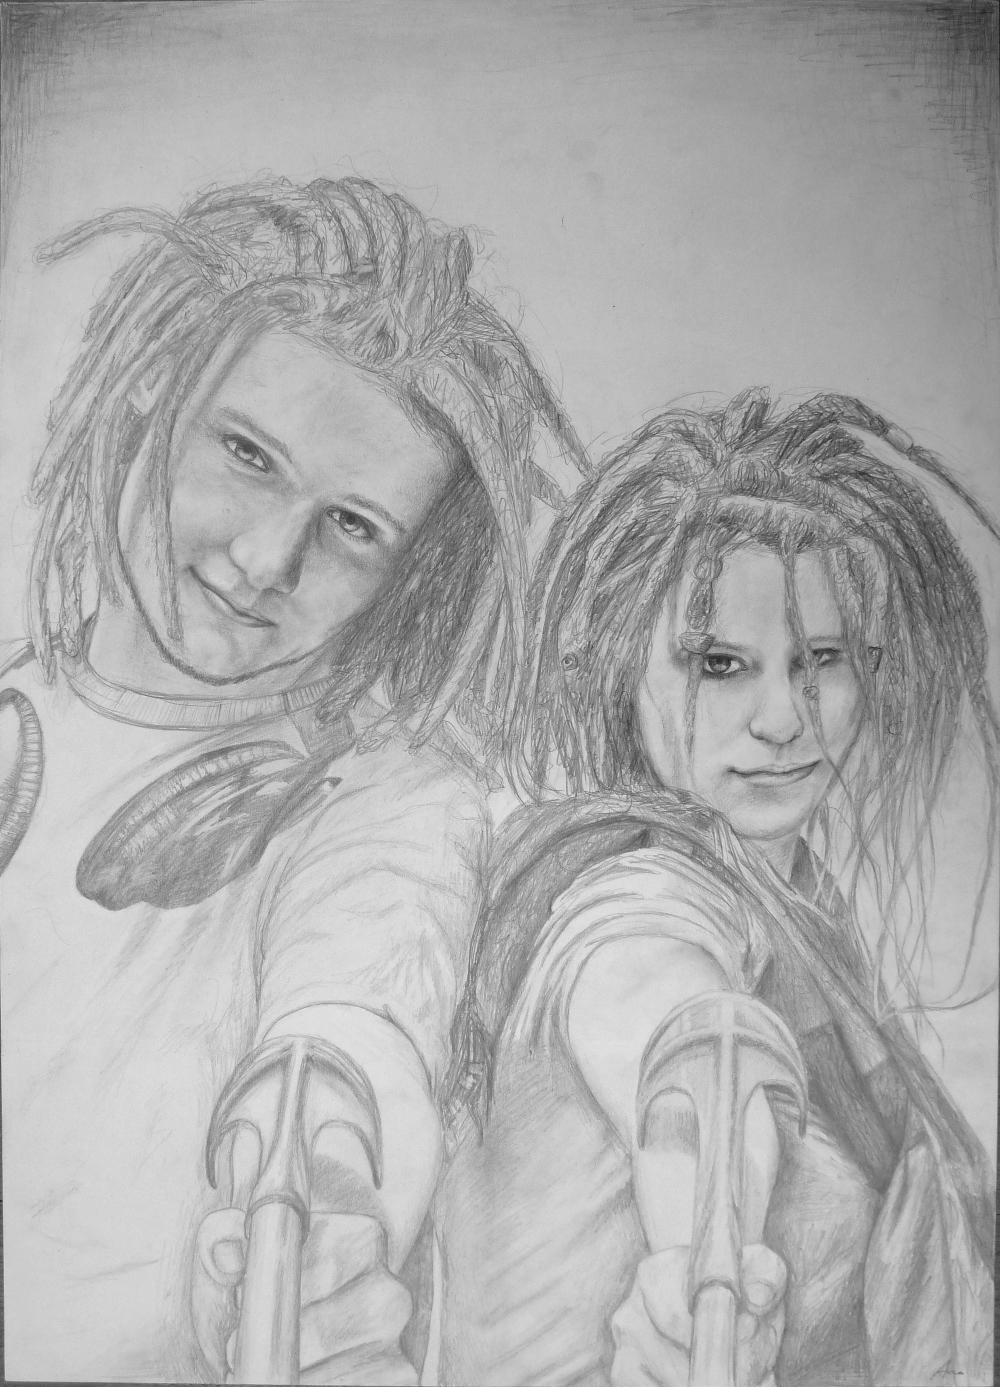 vhsAxel und Johanna_c_r